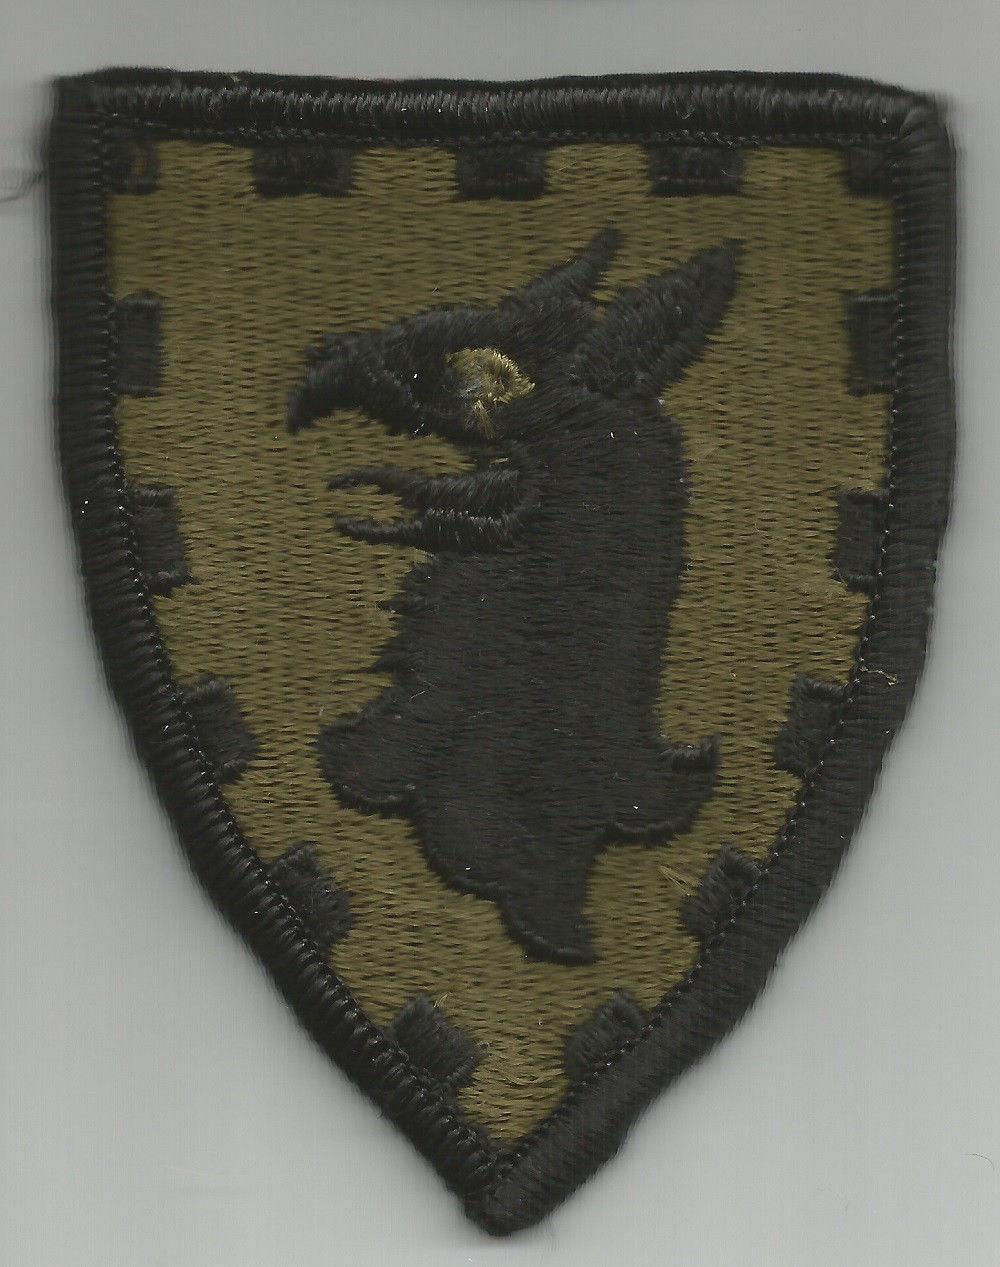 18th mp brigade eBay